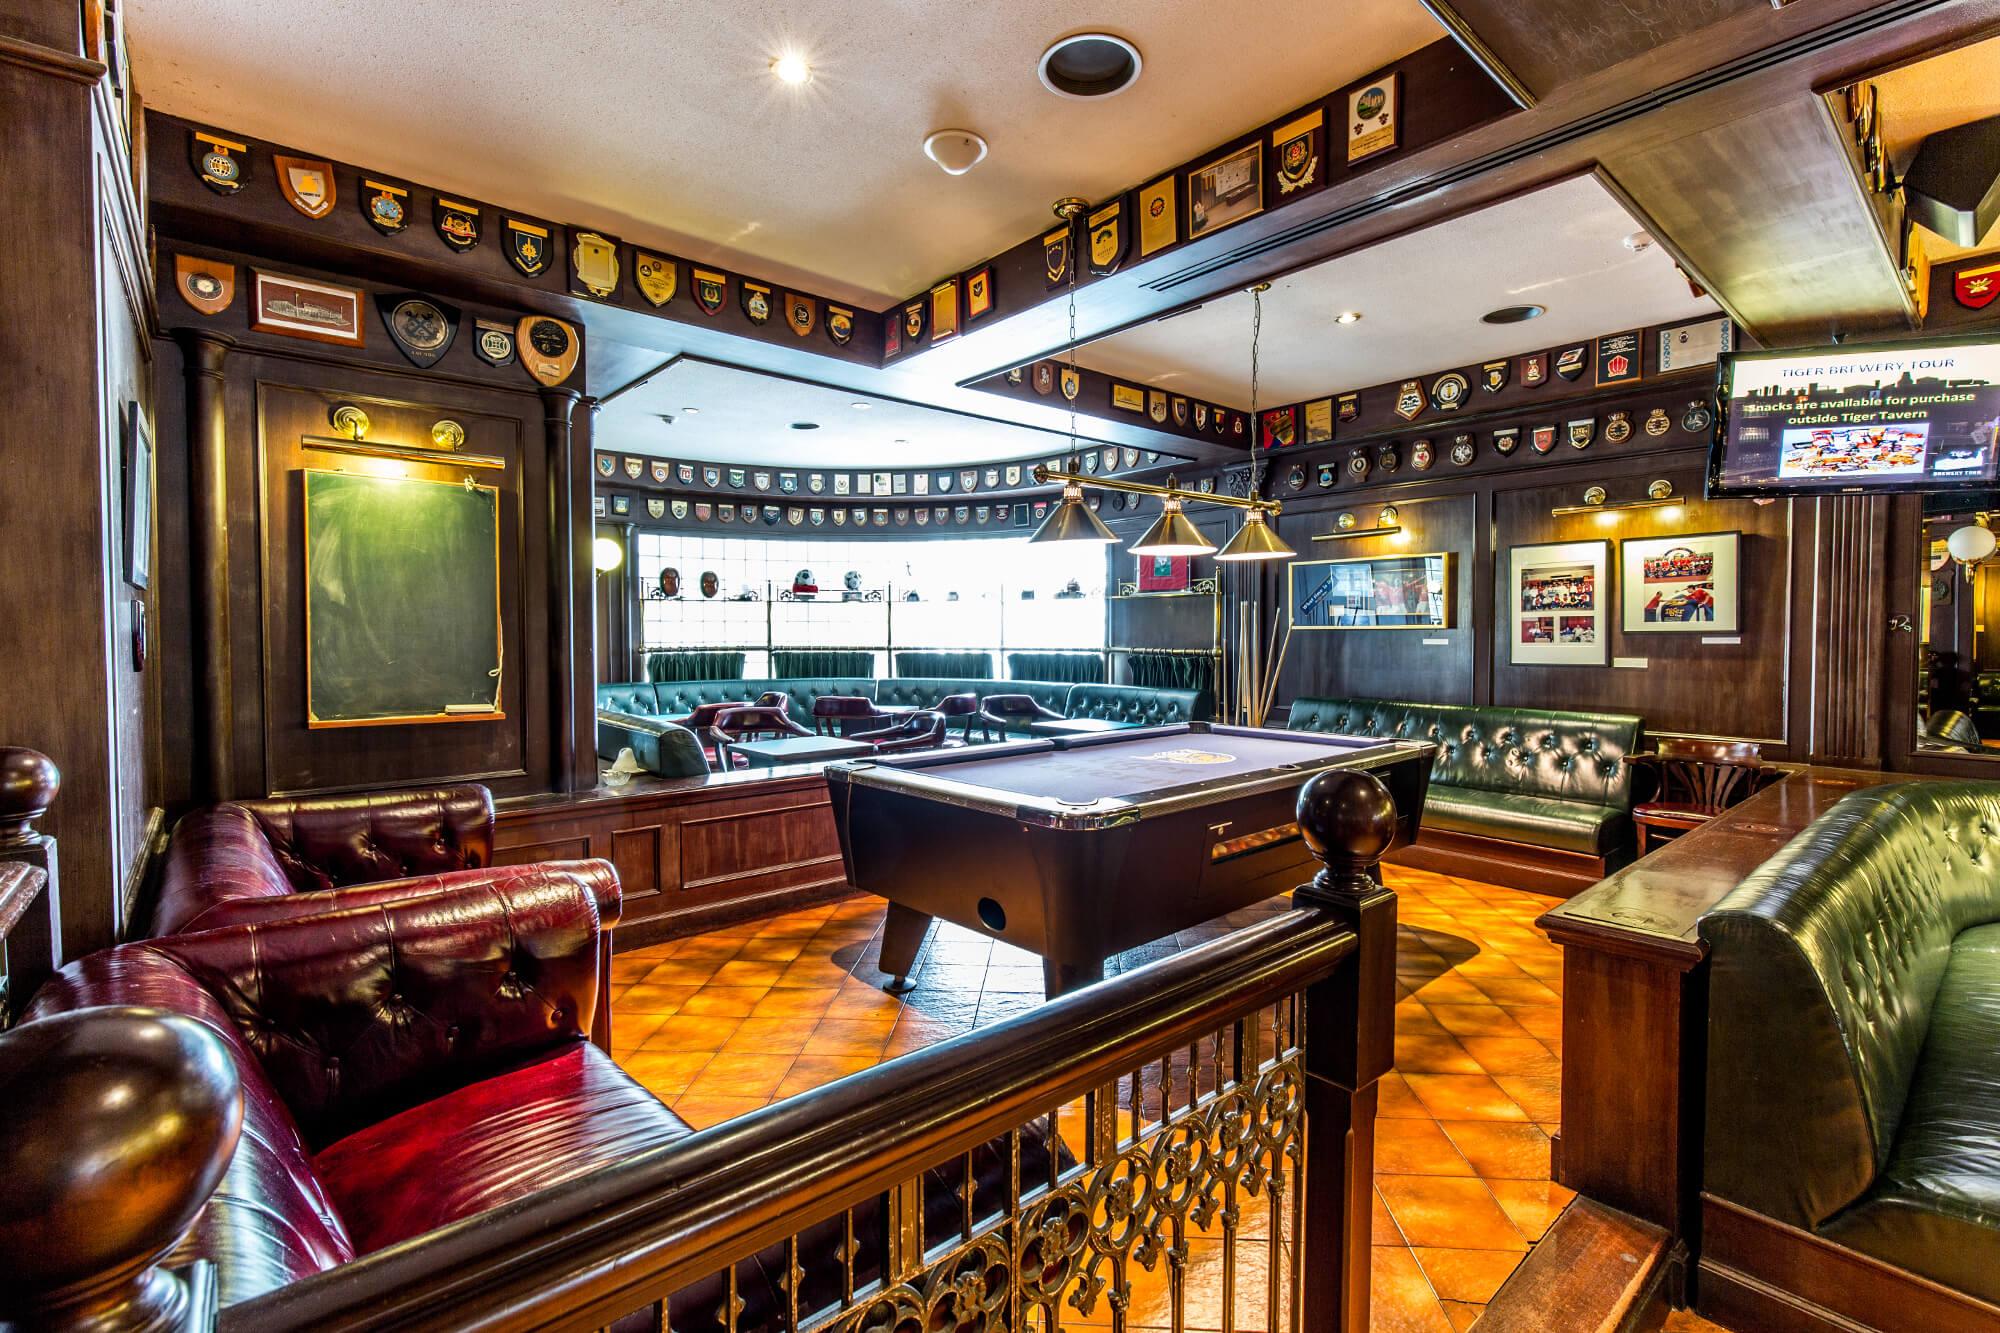 Nhà hàng Tiger Tavern nơi bạn có thể thưởng thức bia và giải trí